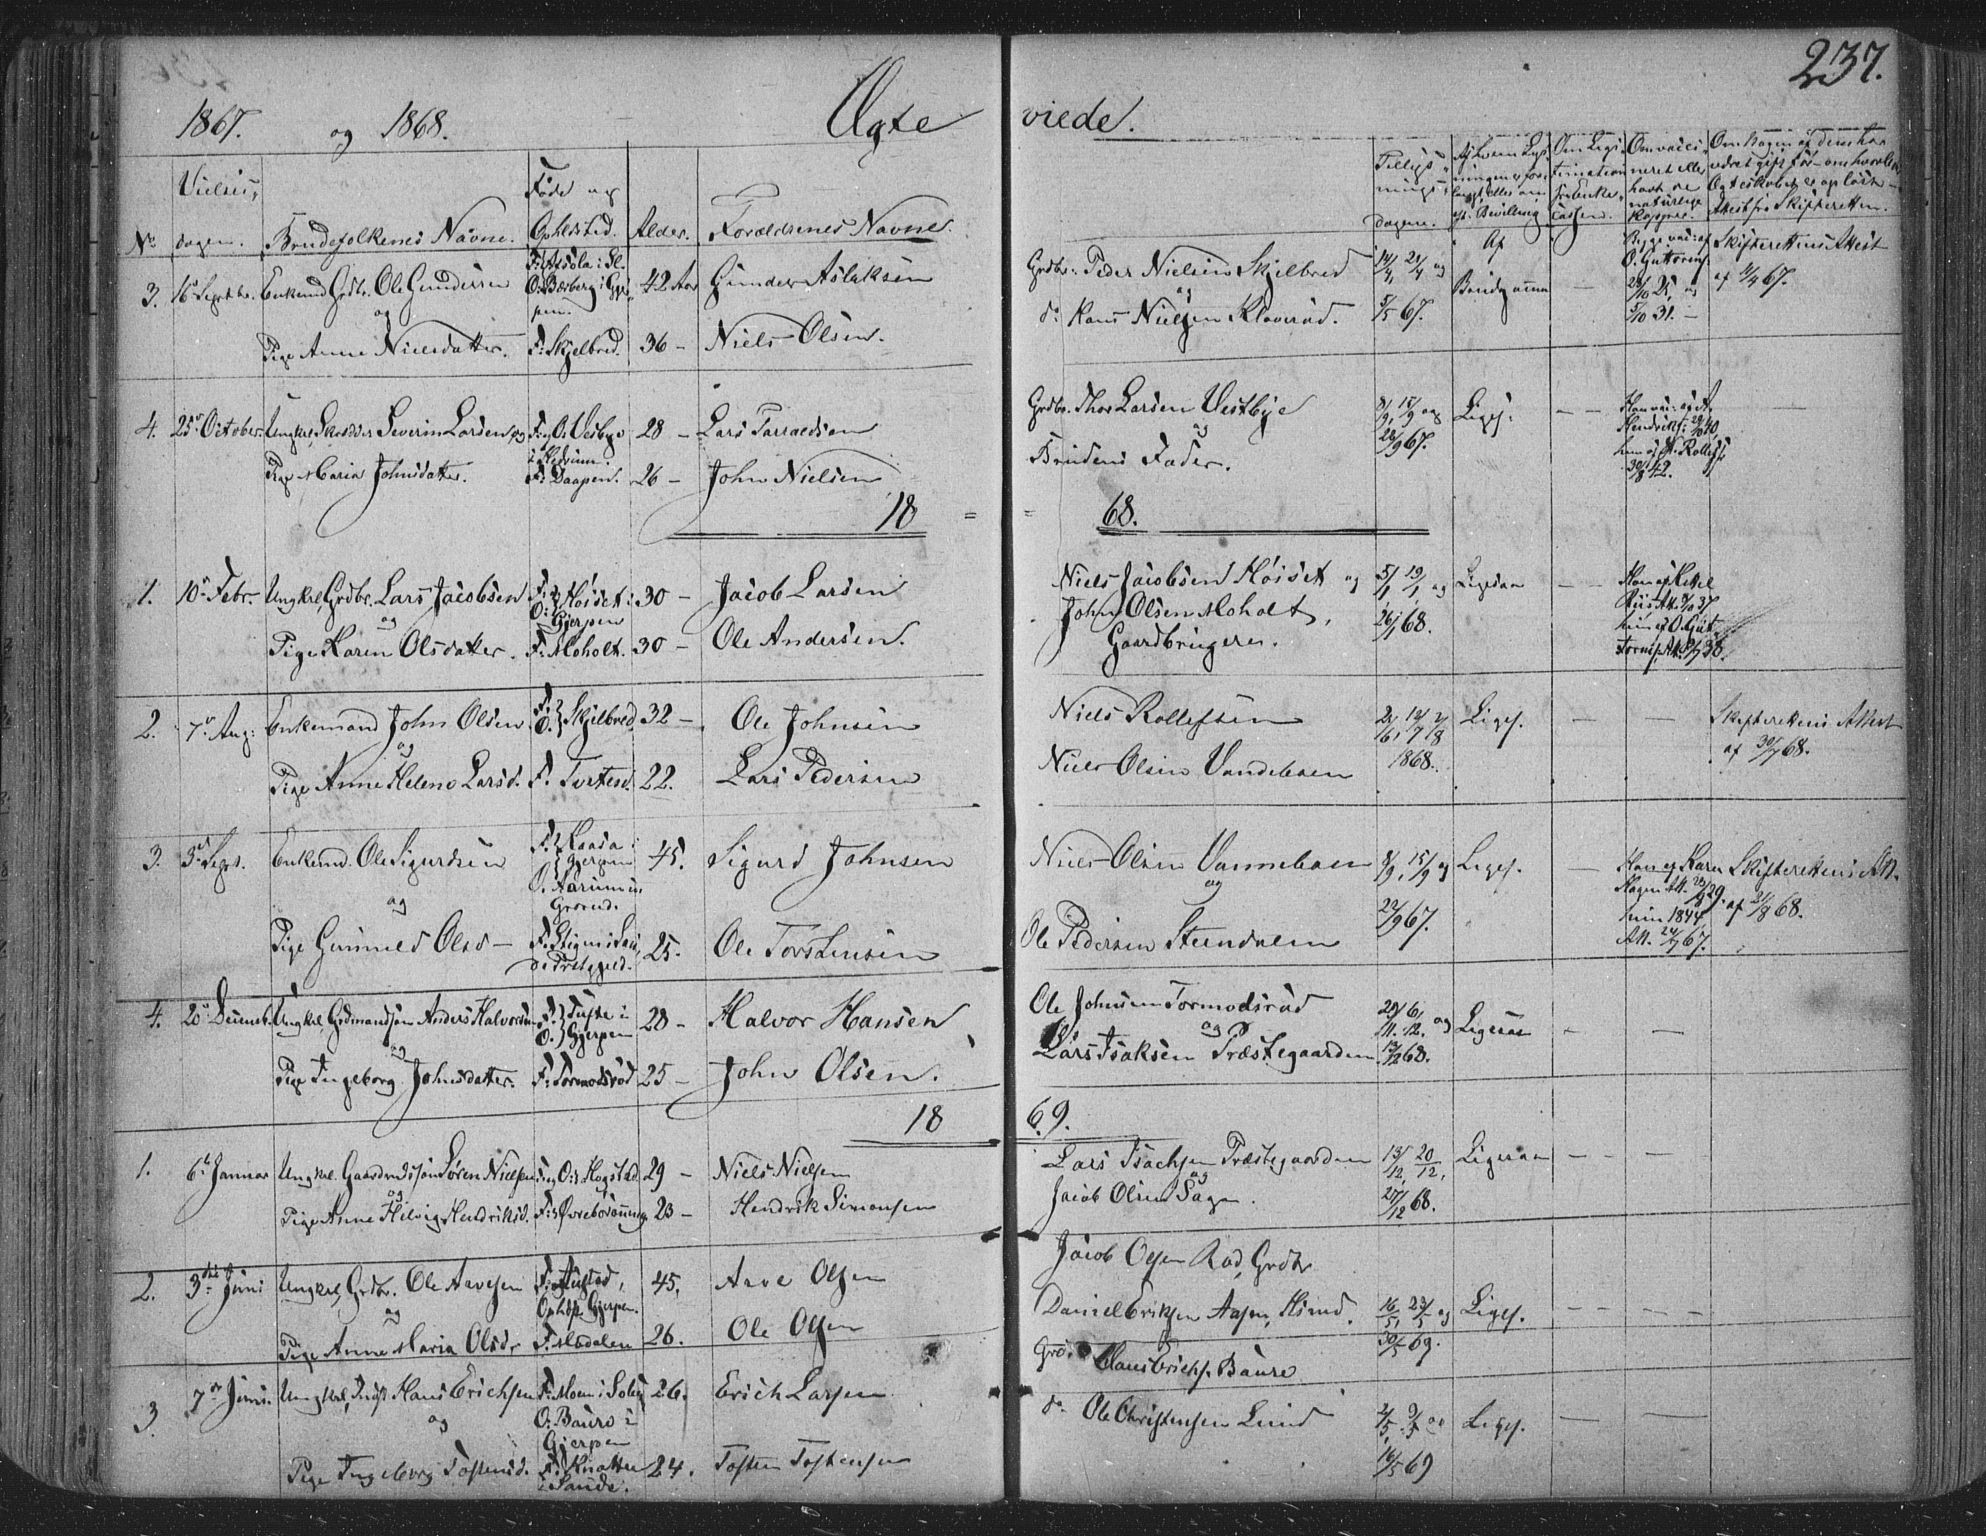 SAKO, Siljan kirkebøker, F/Fa/L0001: Ministerialbok nr. 1, 1831-1870, s. 237